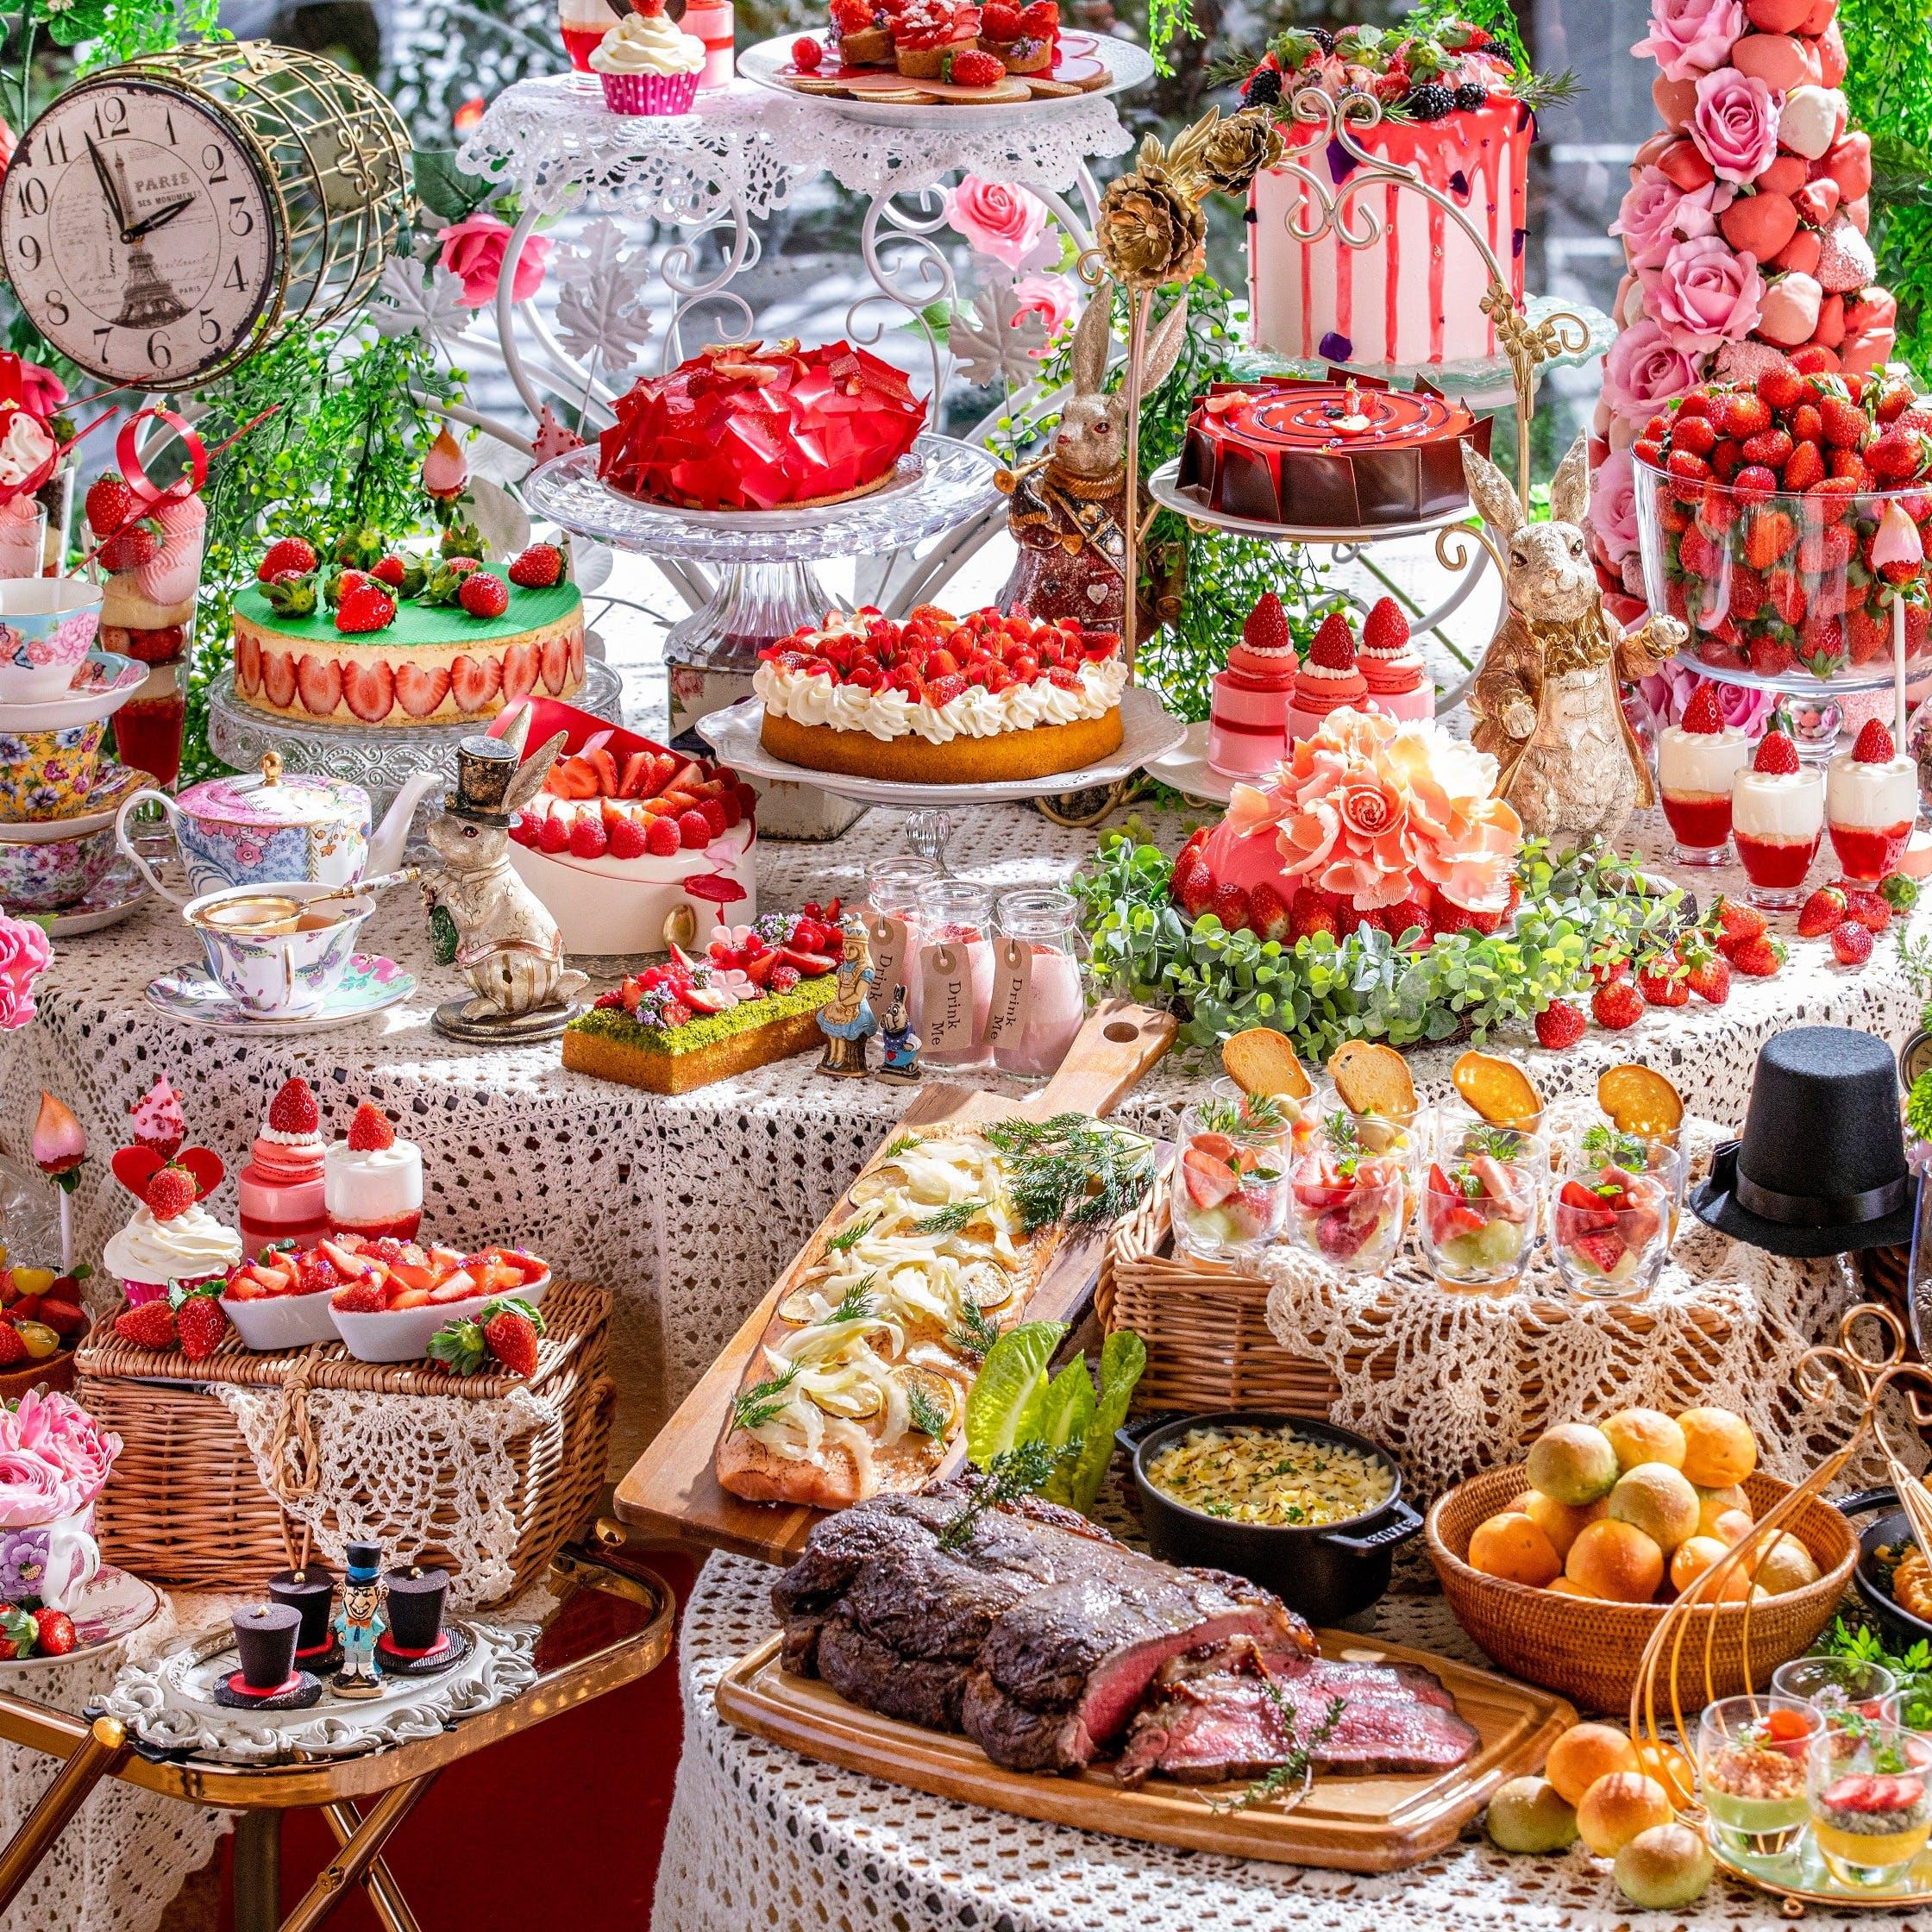 圧倒的な世界観の中、極上のデザートを楽しめるビュッフェ